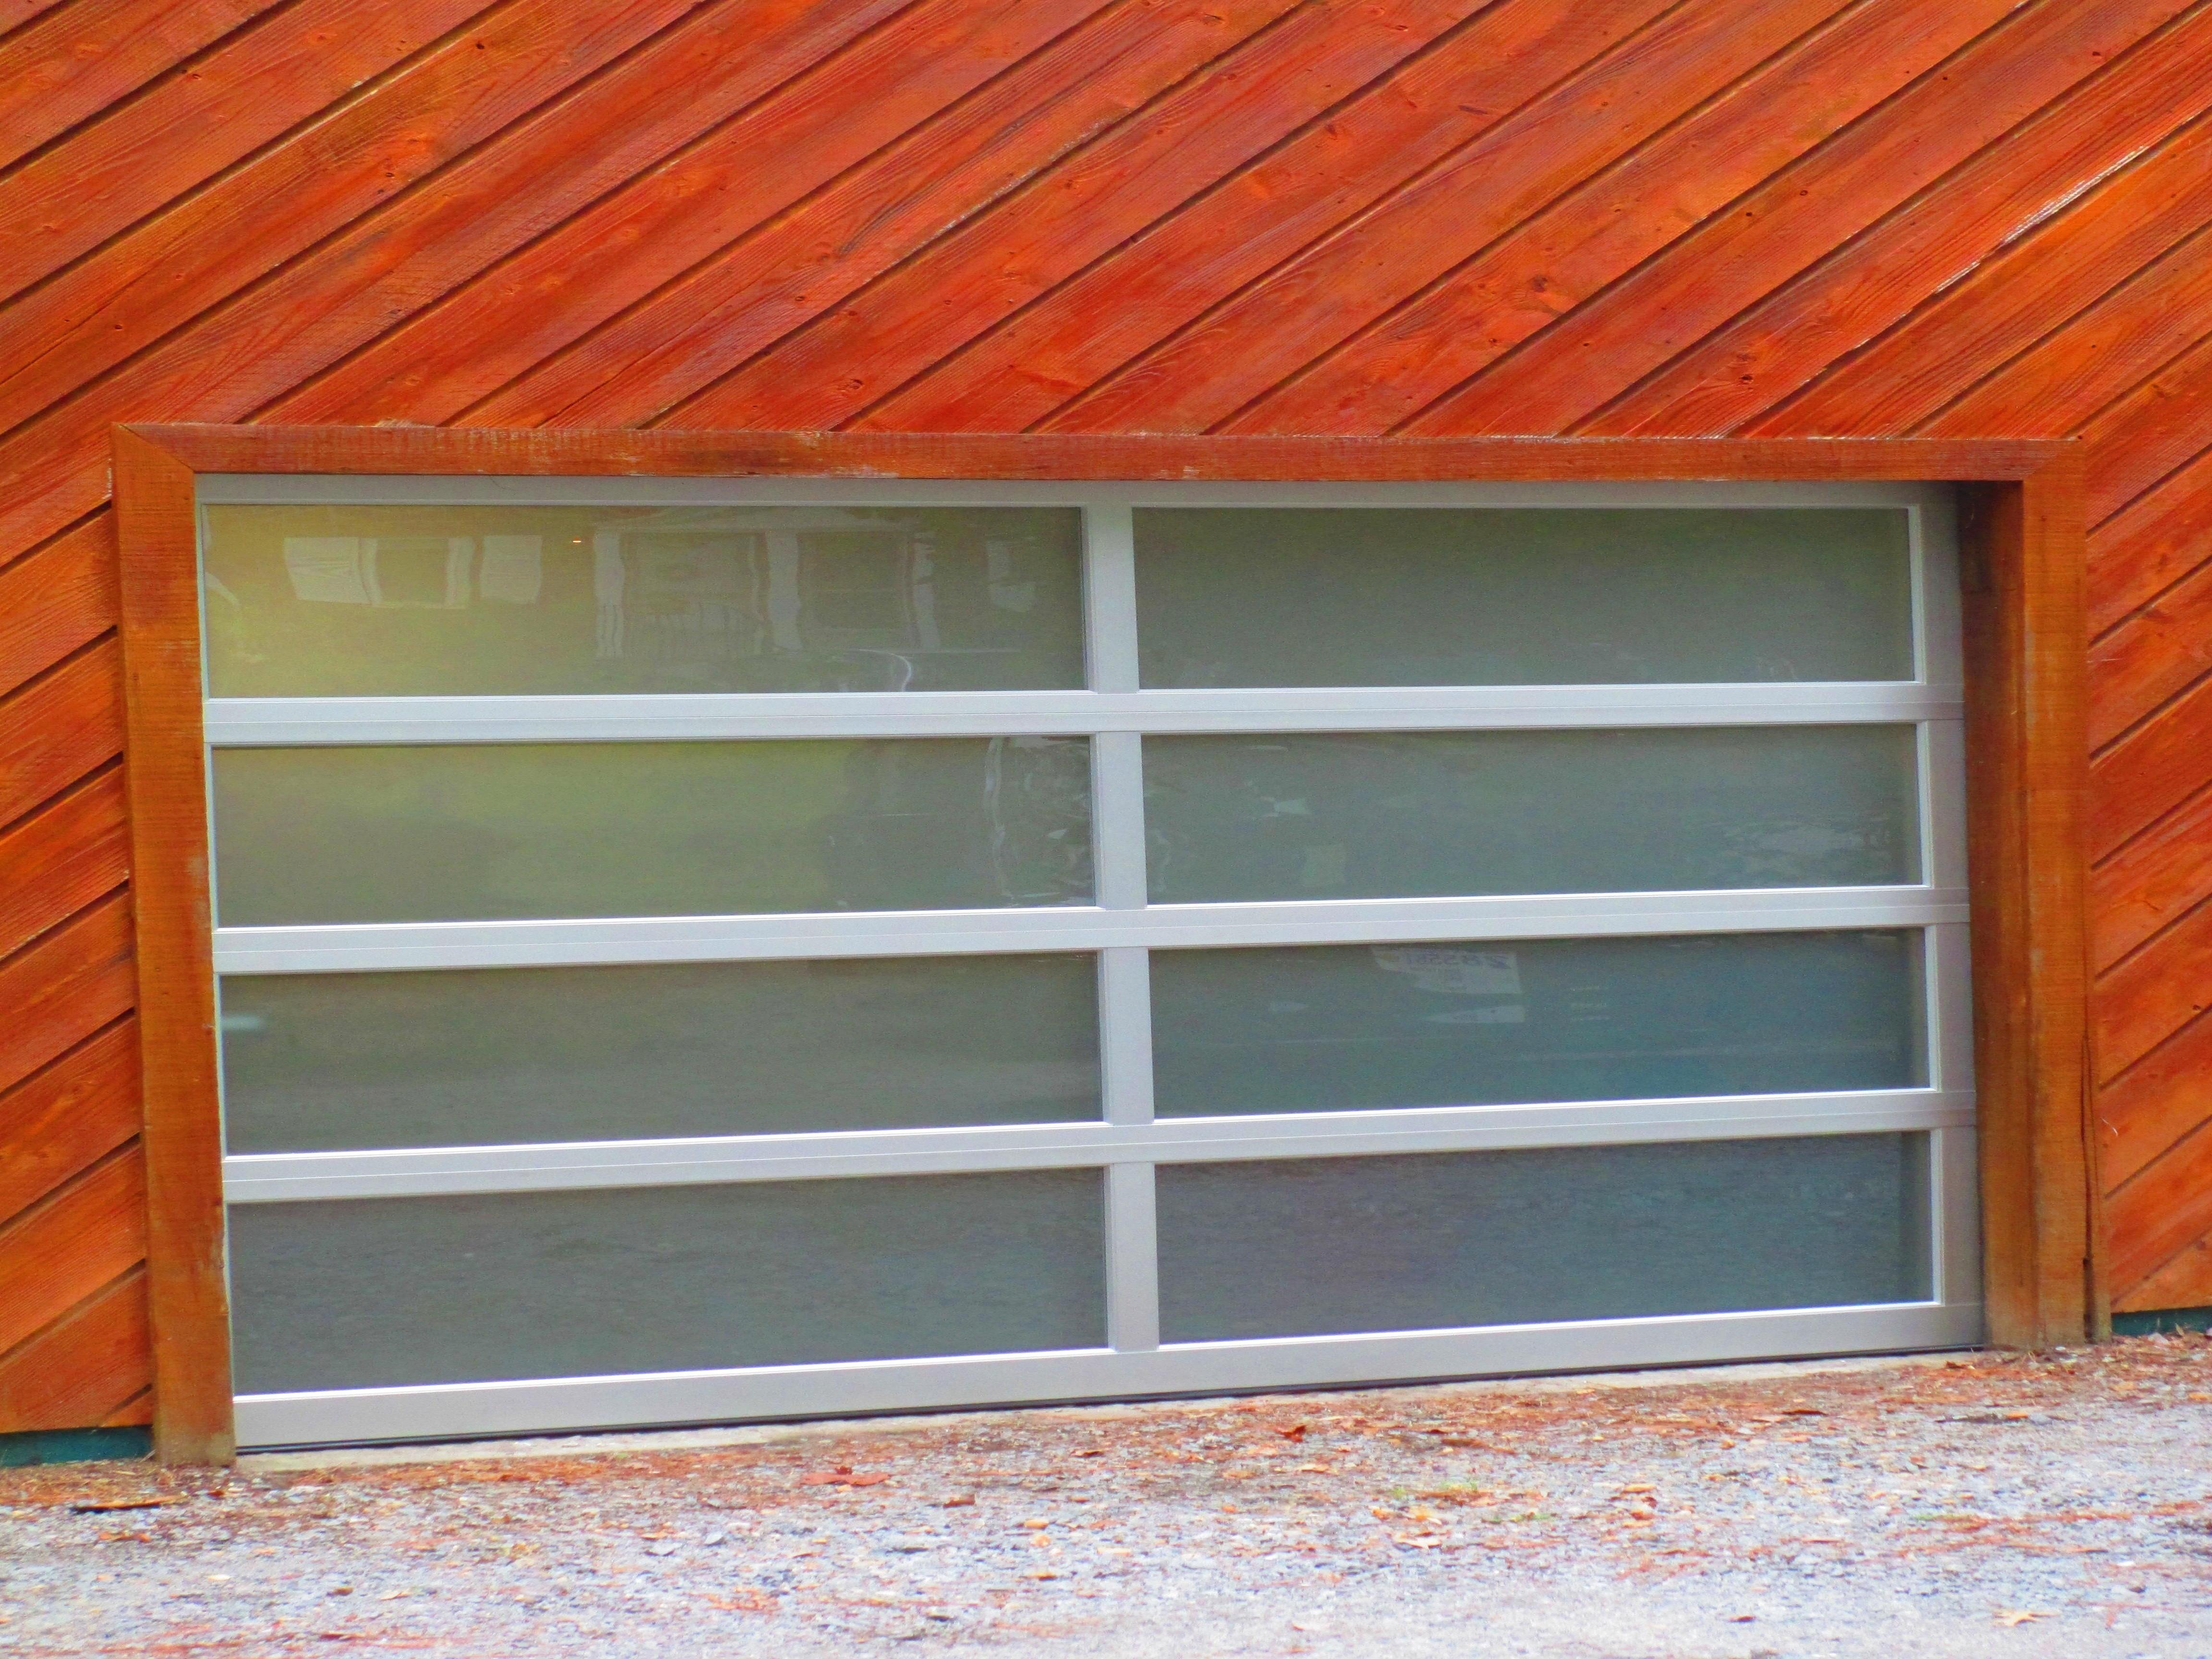 J Amp S Overhead Garage Door Service Virginia Beach Virginia